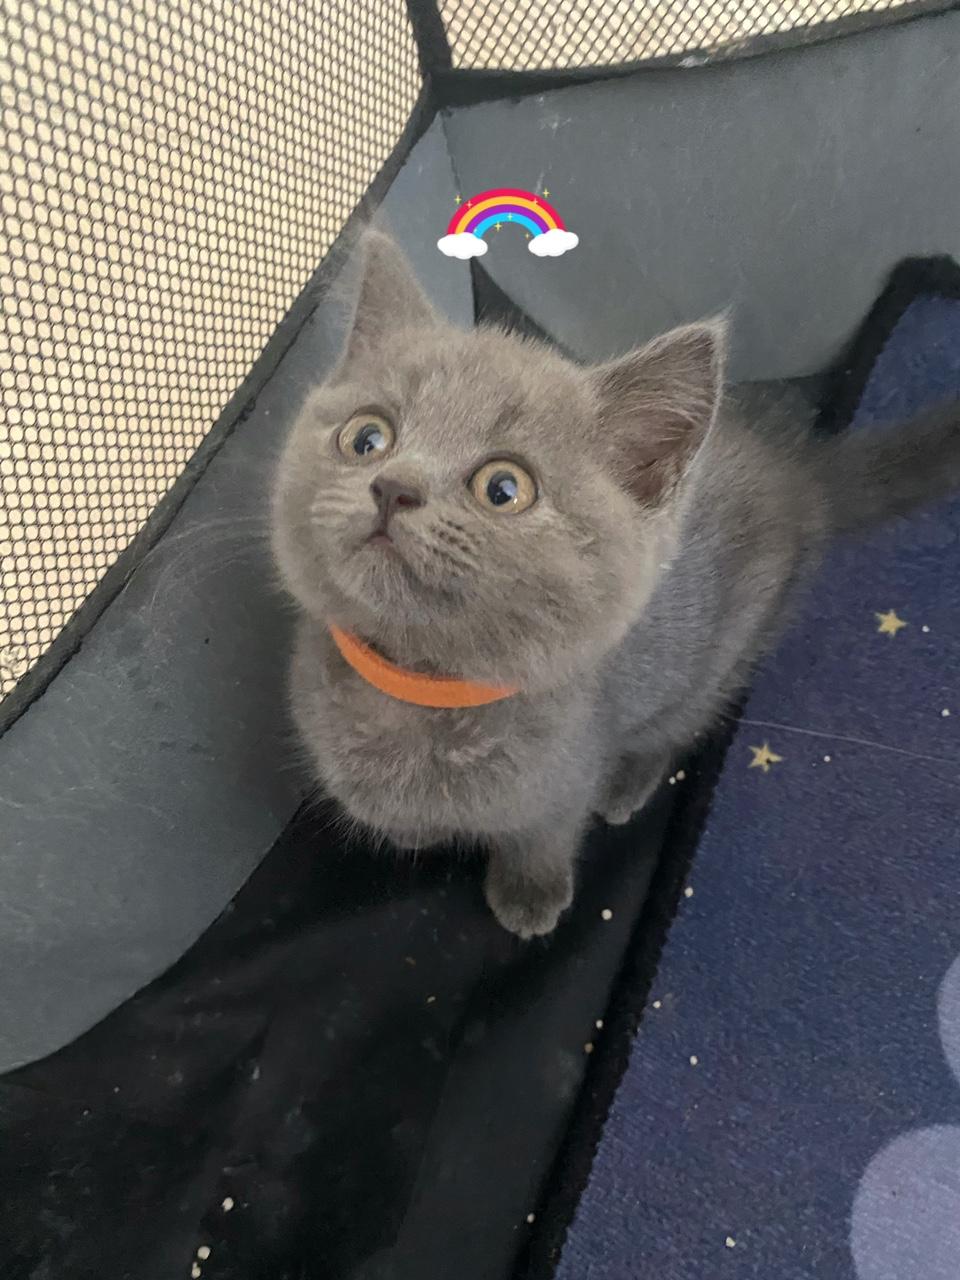 英短血统蓝猫自家猫猫生的,猫爸妈性格温顺